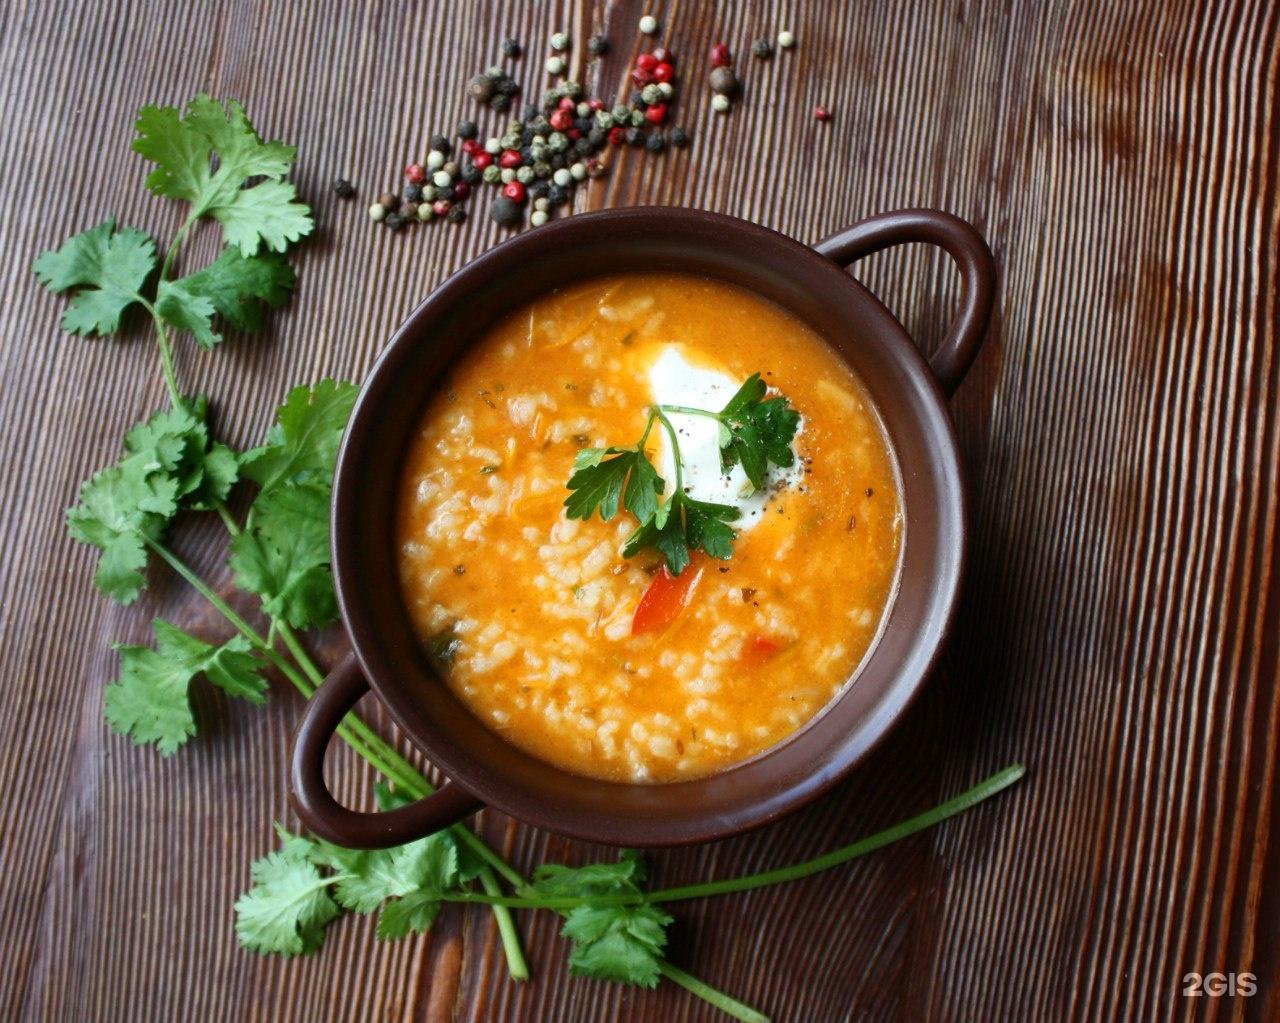 Суп харчо с тушенкой рецепт пошагово в